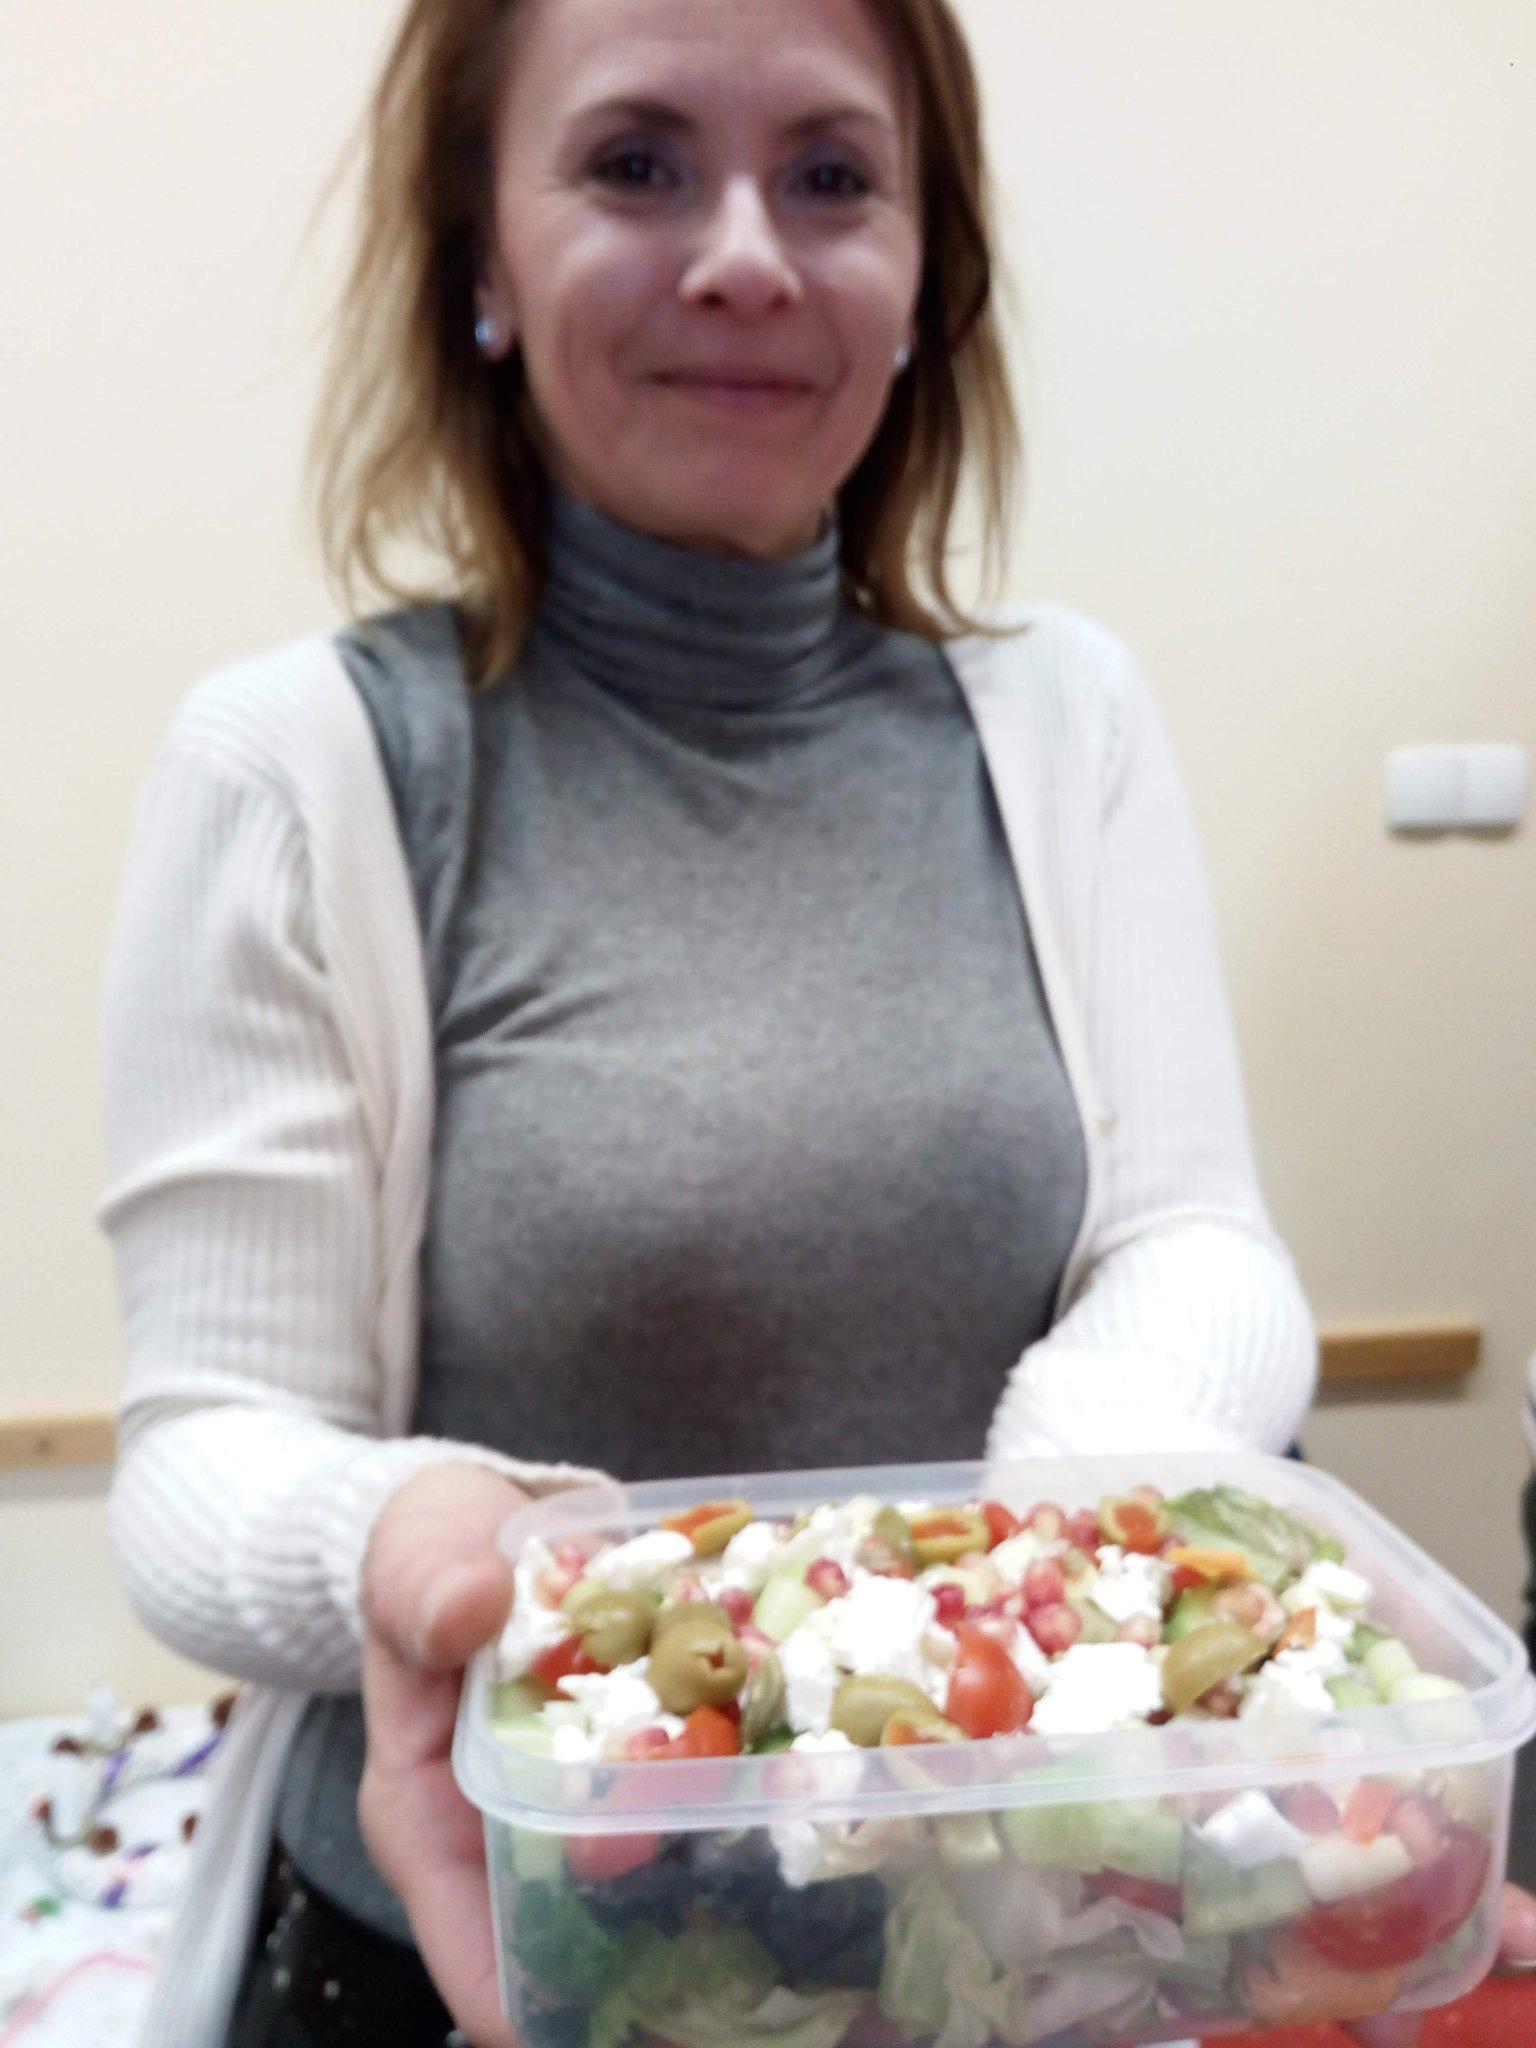 Andi salátája és kókuszgolyója - Mohamama konyhája